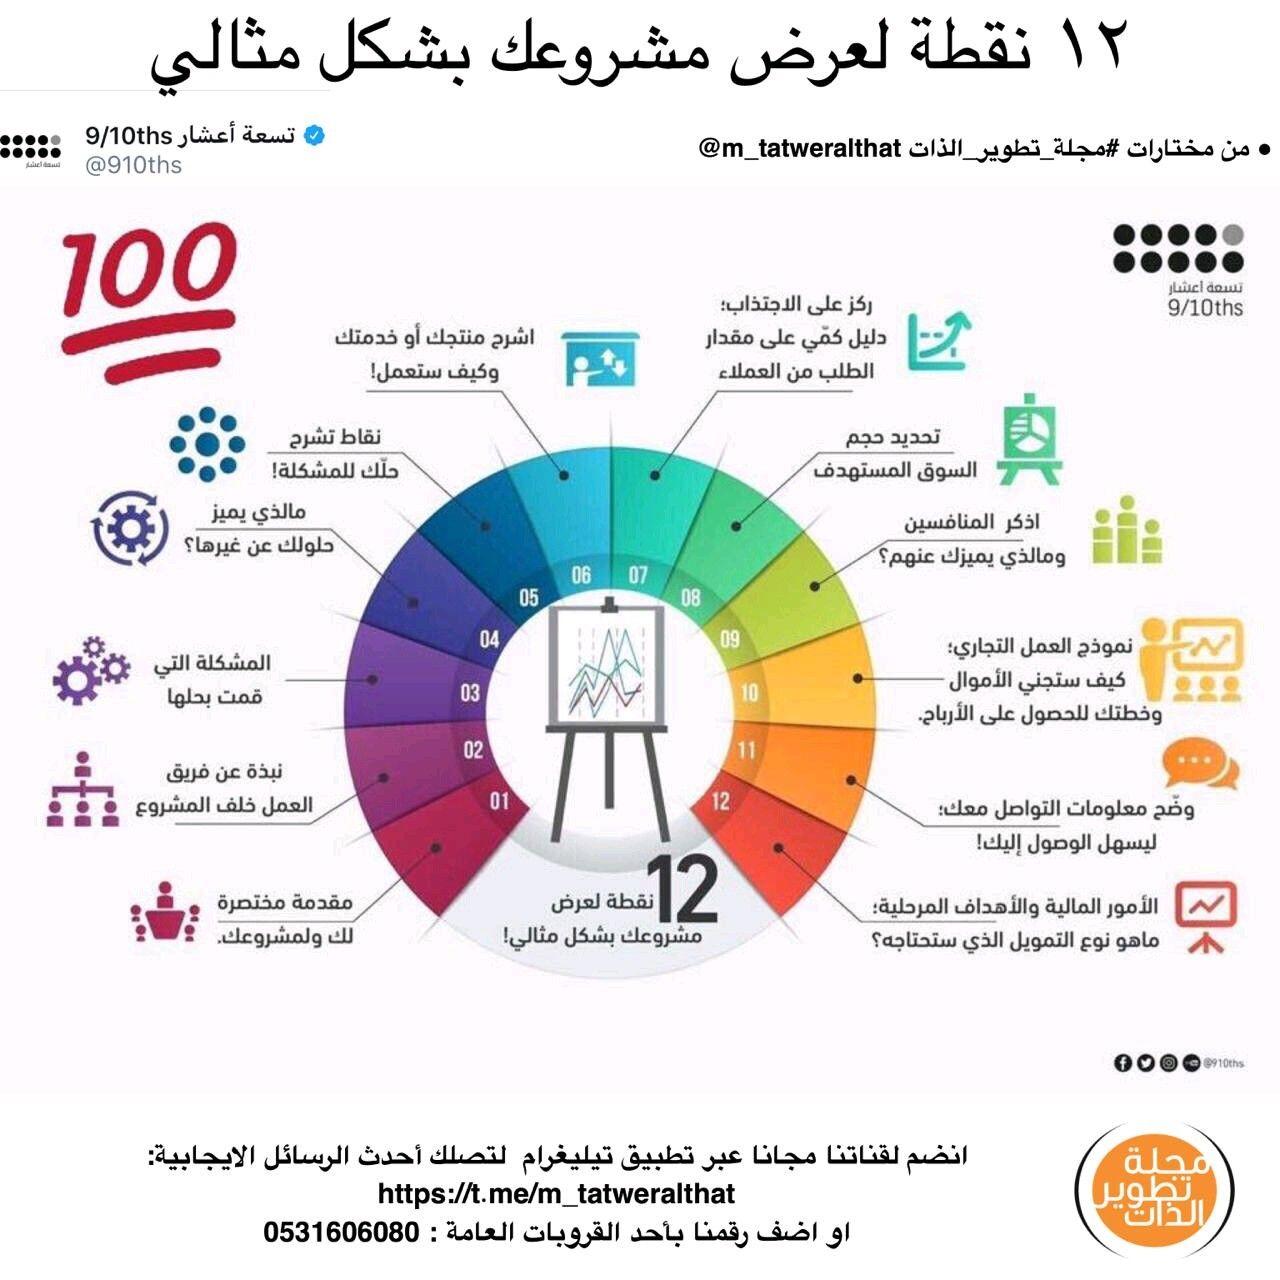 Pin By Sana Azhary On تطوير الذات Pie Chart Chart Diagram